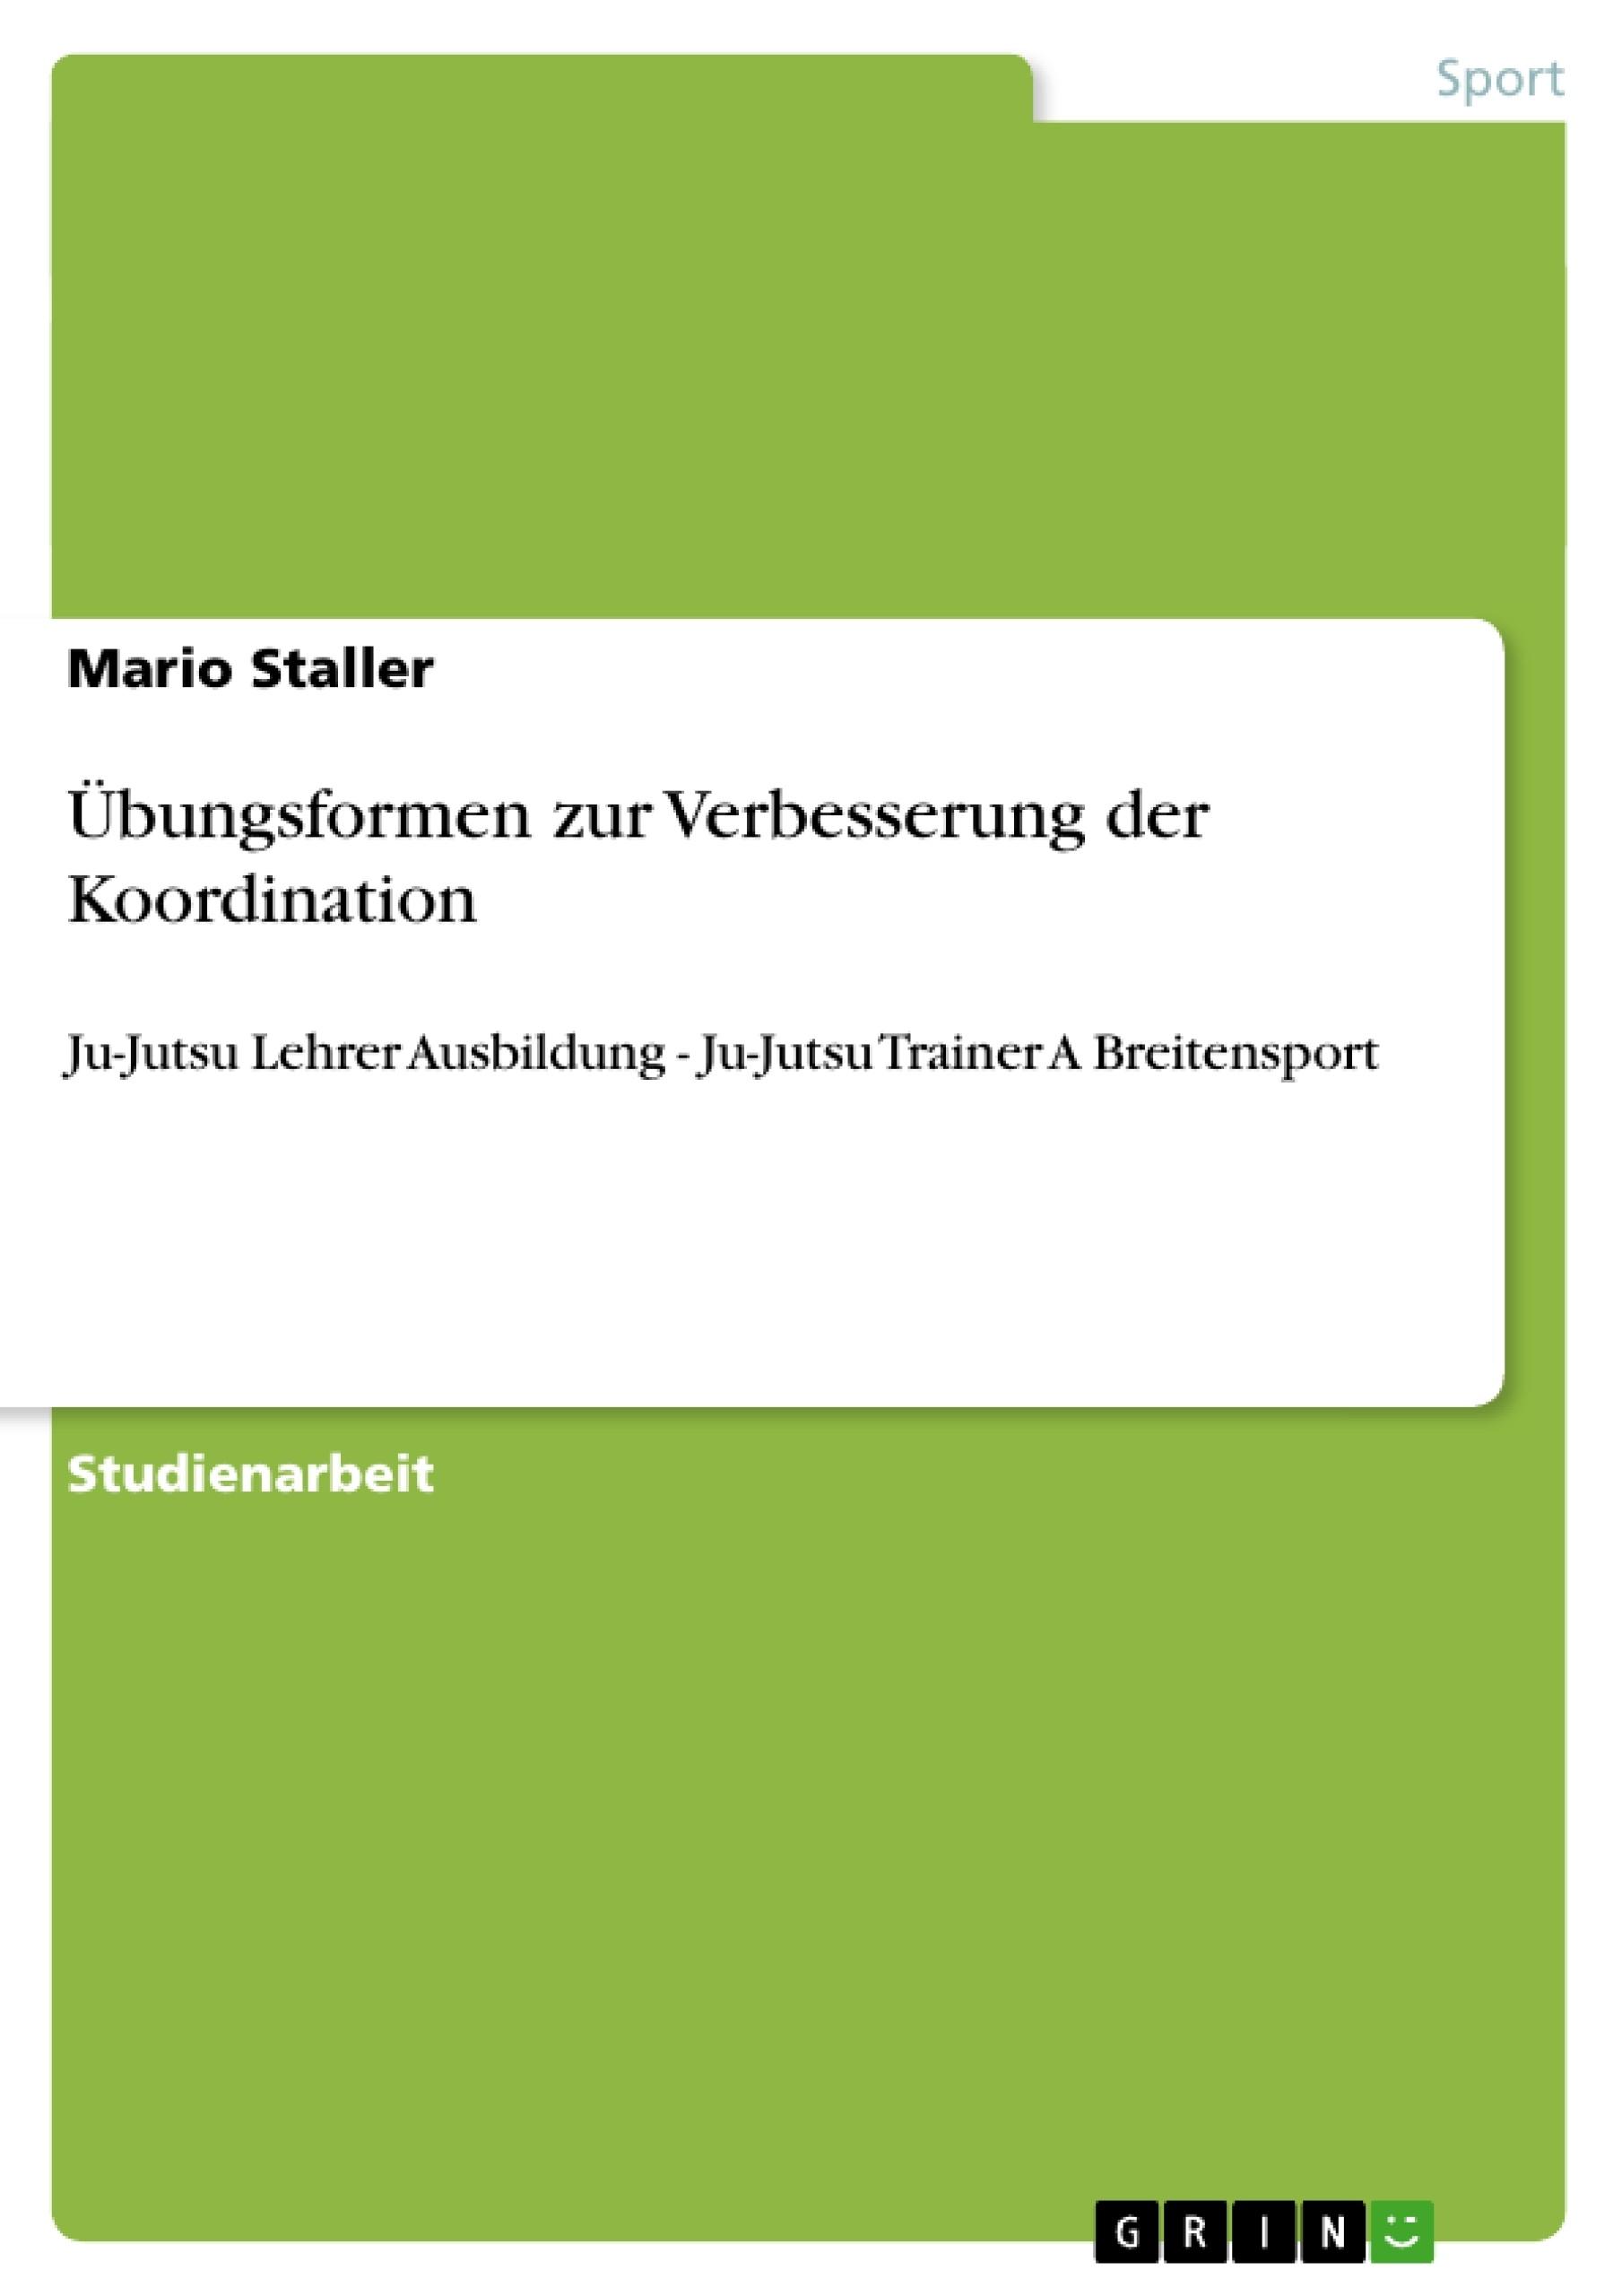 Titel: Übungsformen zur Verbesserung der Koordination